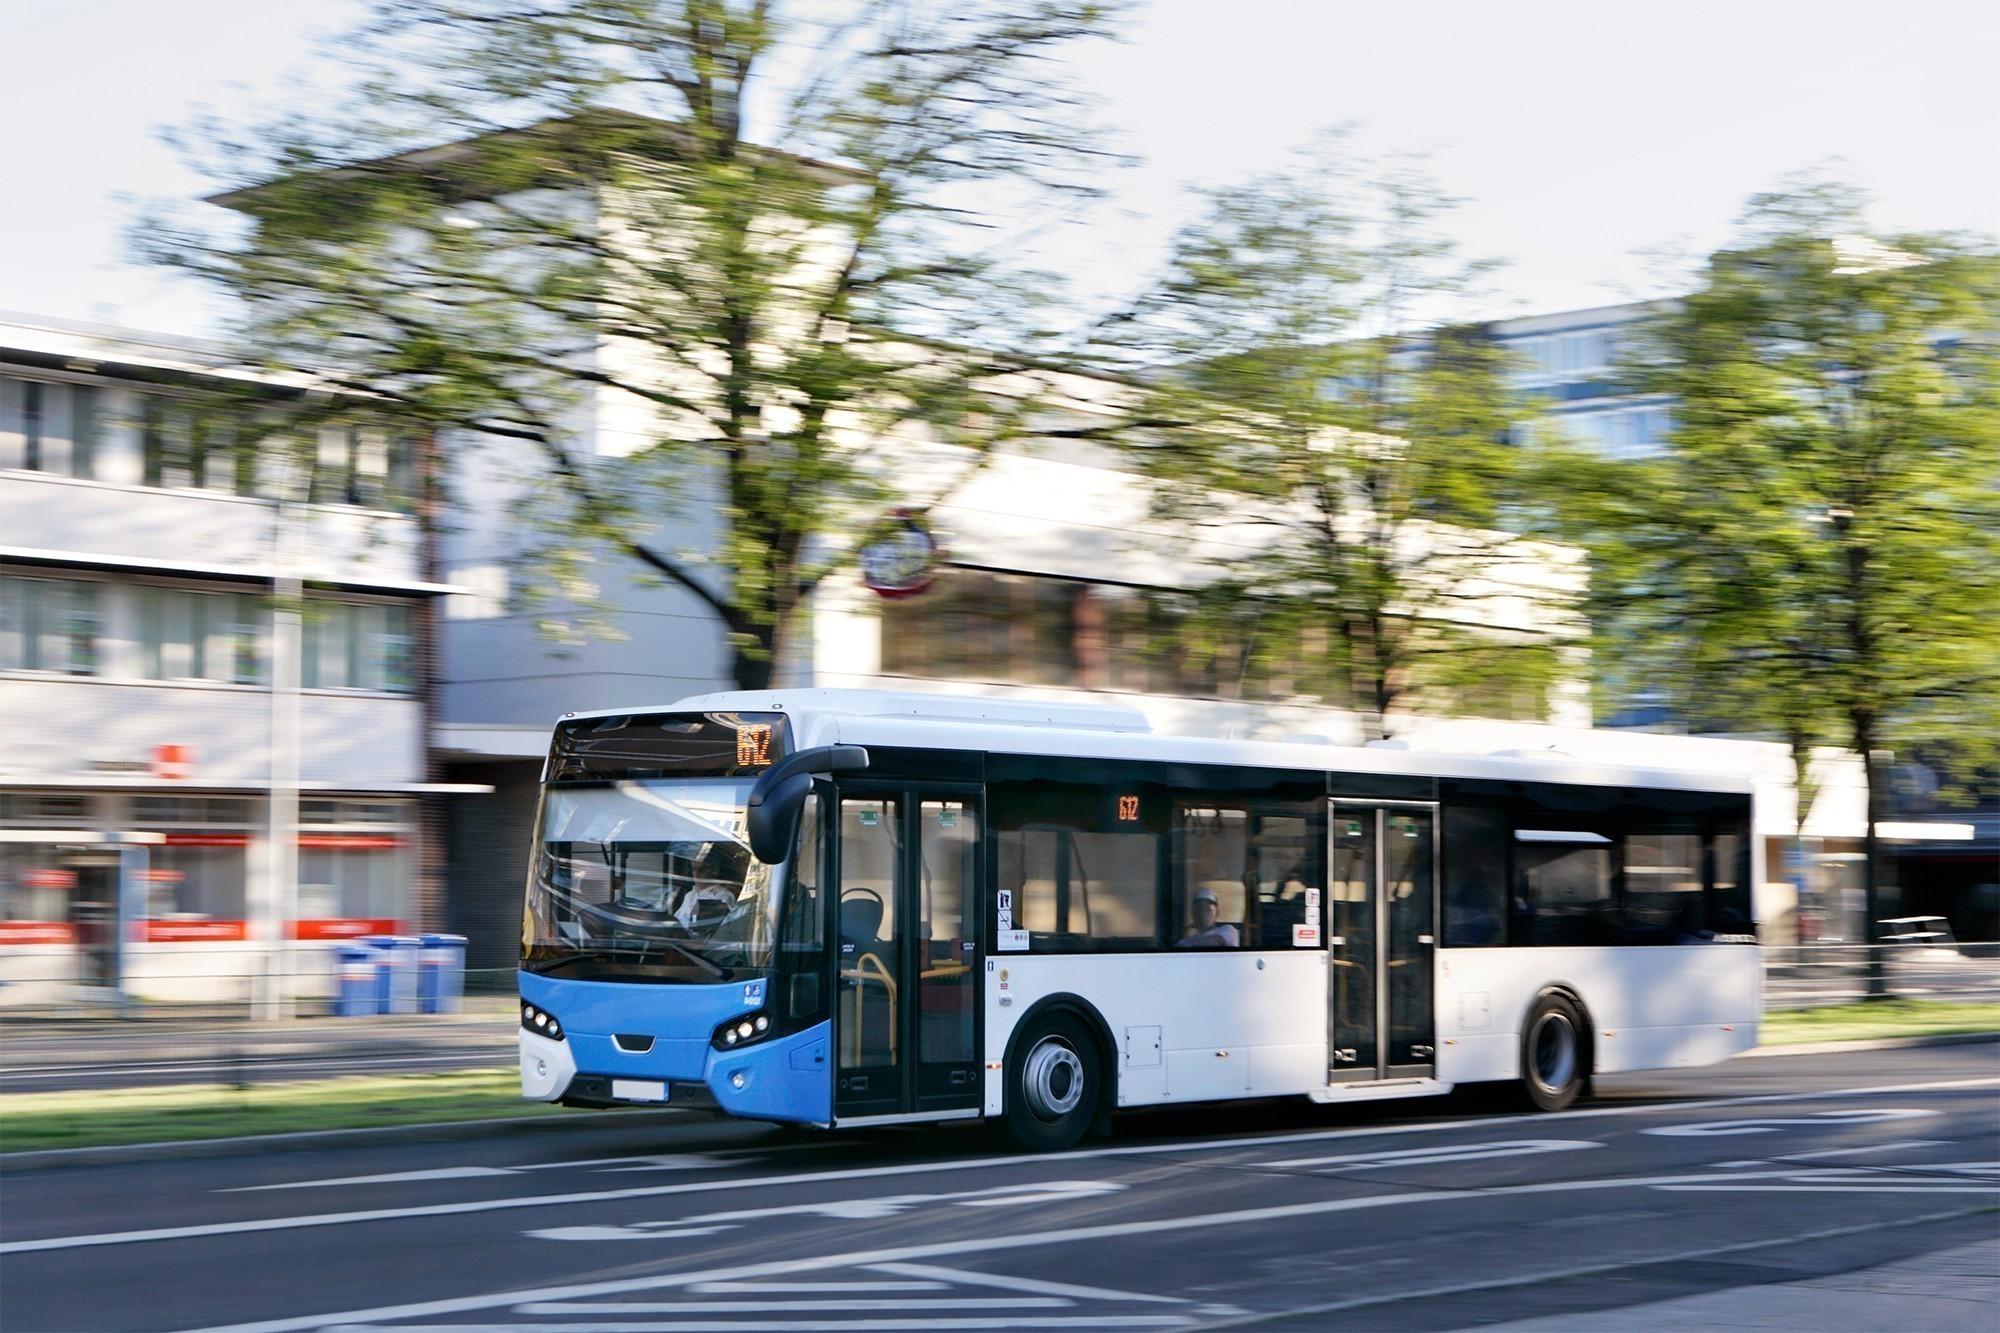 Partikelfilter Reinigung für Busse/Linienbusse | Cleantaxx GmbH